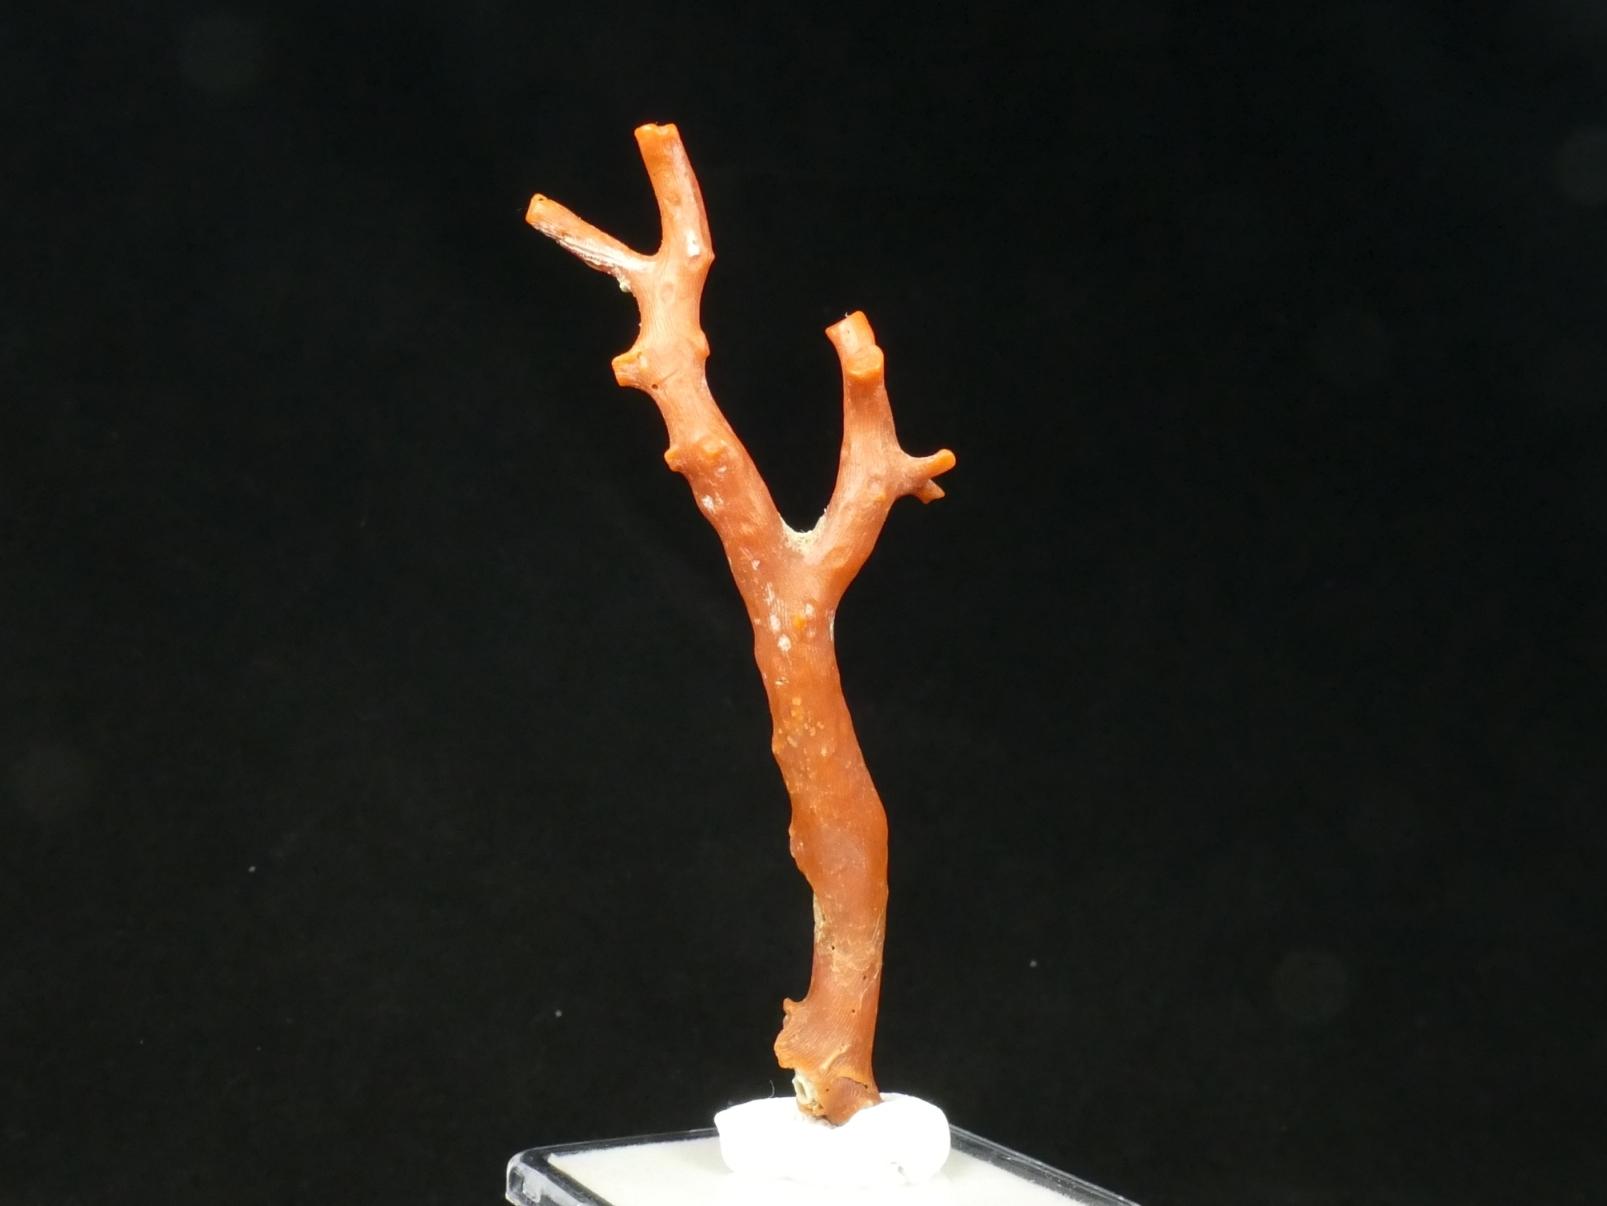 85.5mm Spécimen de Corail rouge brut naturel du Maroc 6.3g (#PB521)